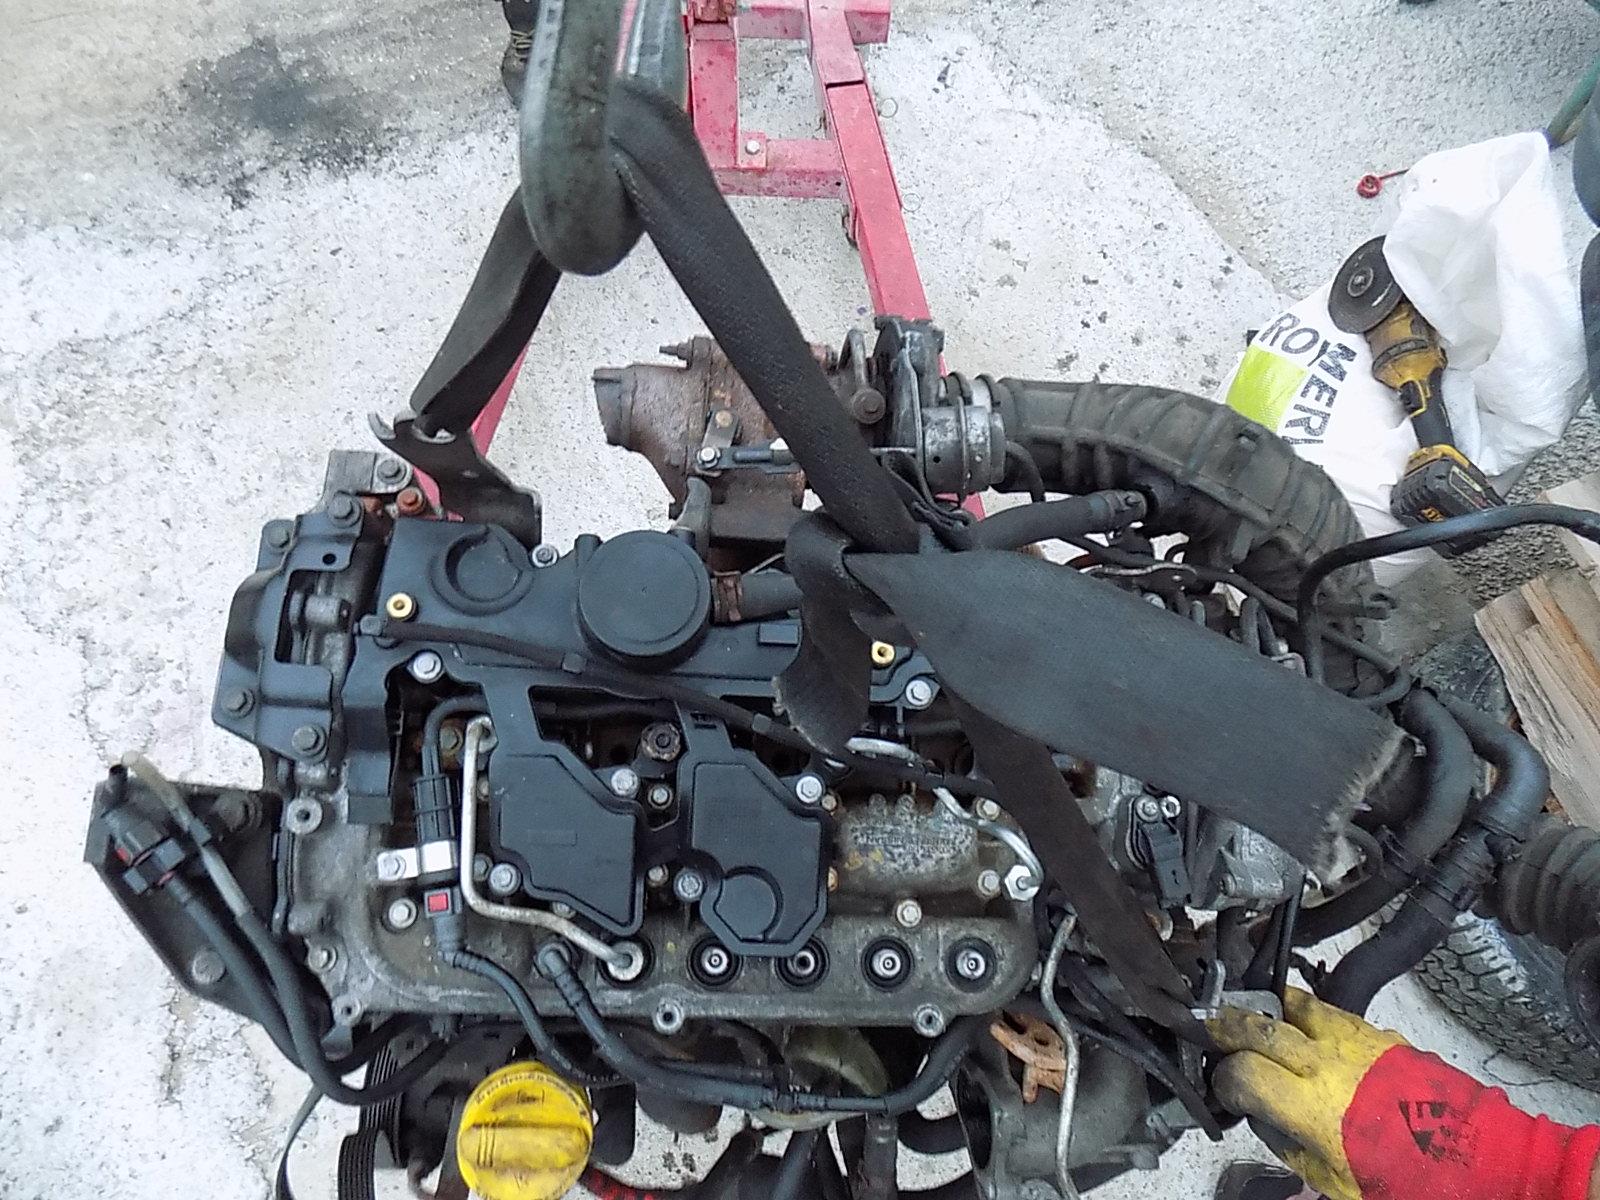 motor opel vivaro, renault trafic 2.0 CDTI M9R euro 4 2007